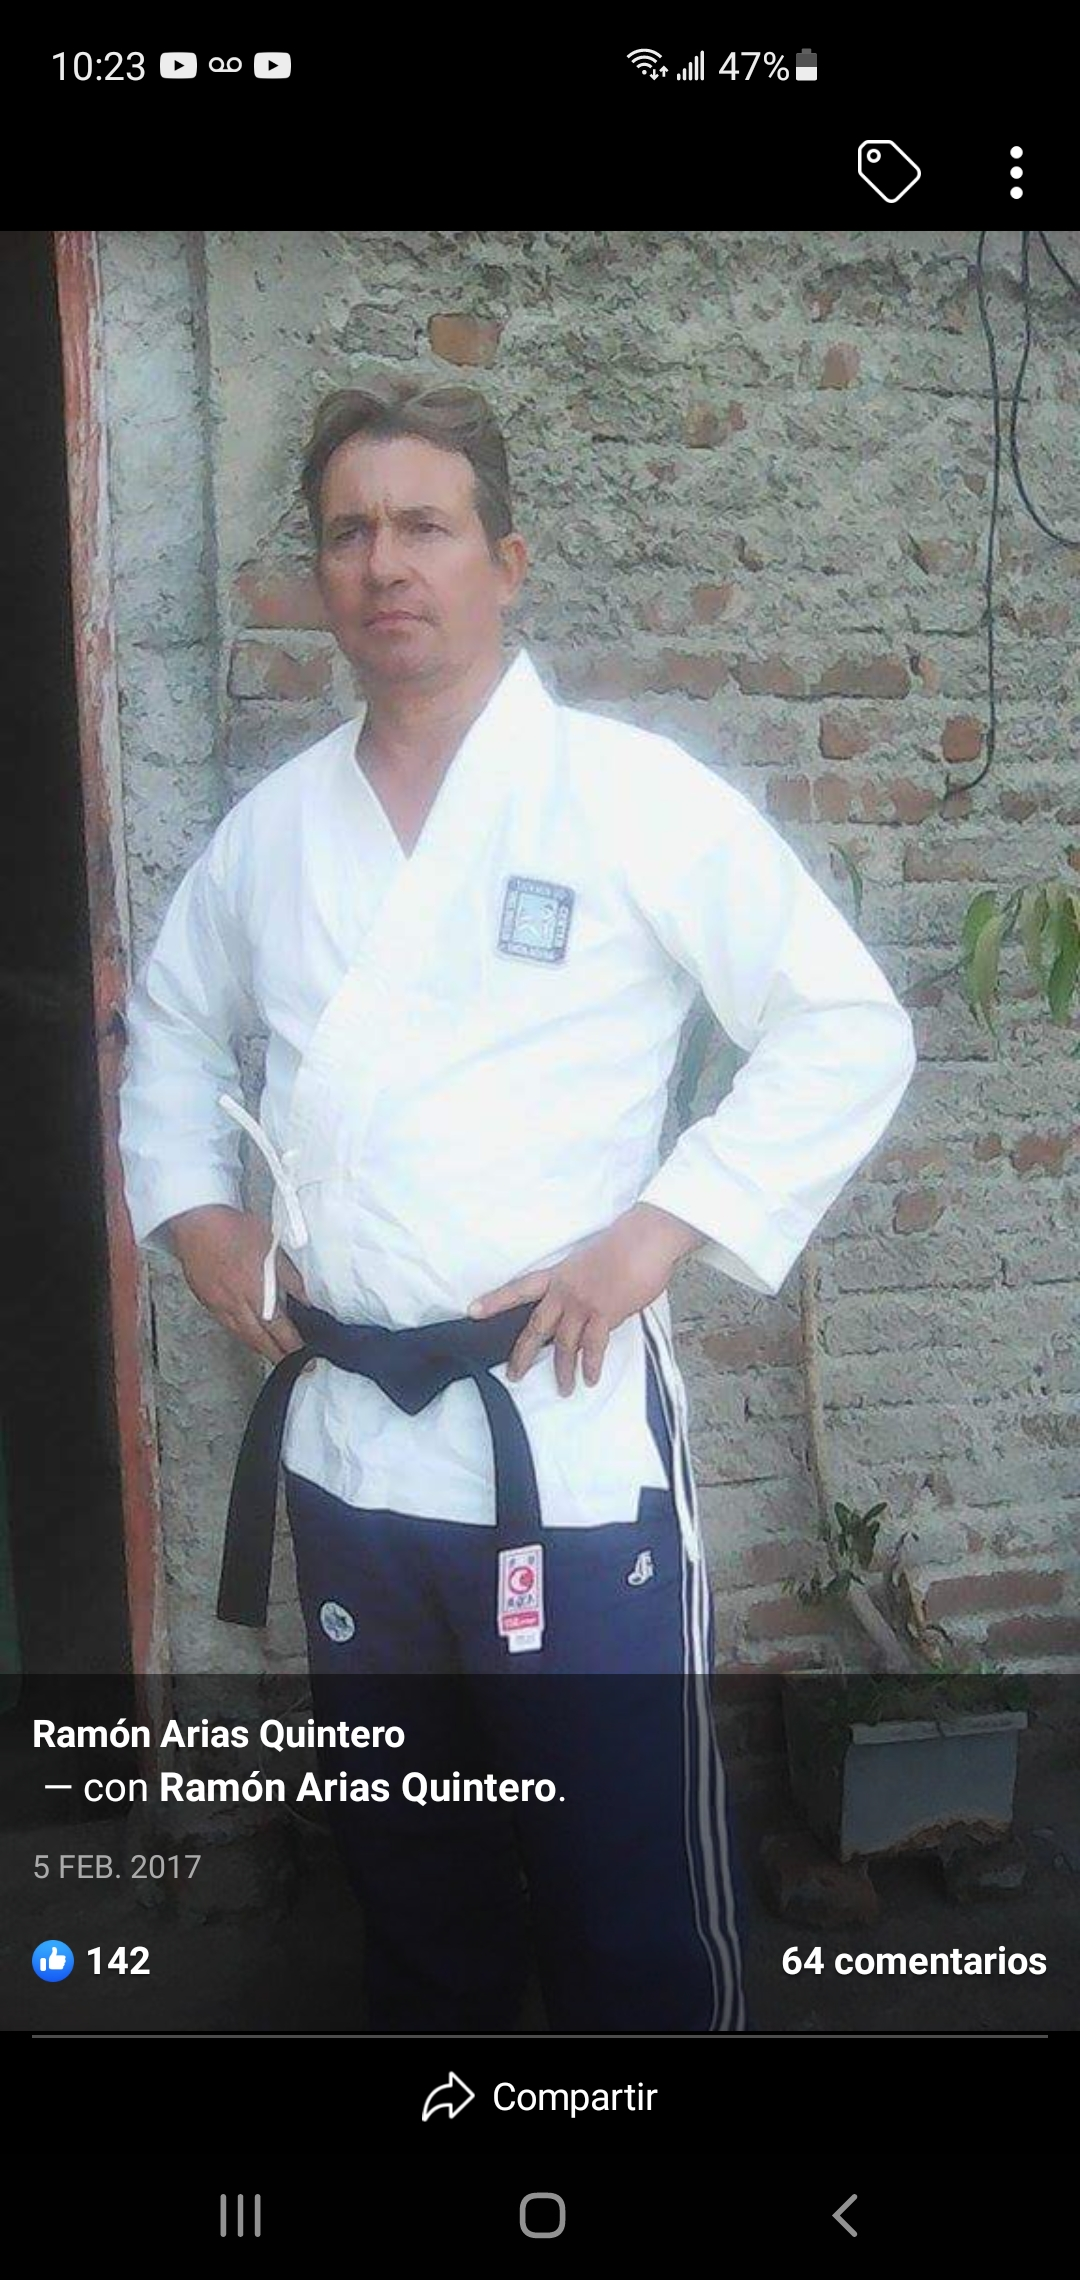 Ramón Arias Quintero